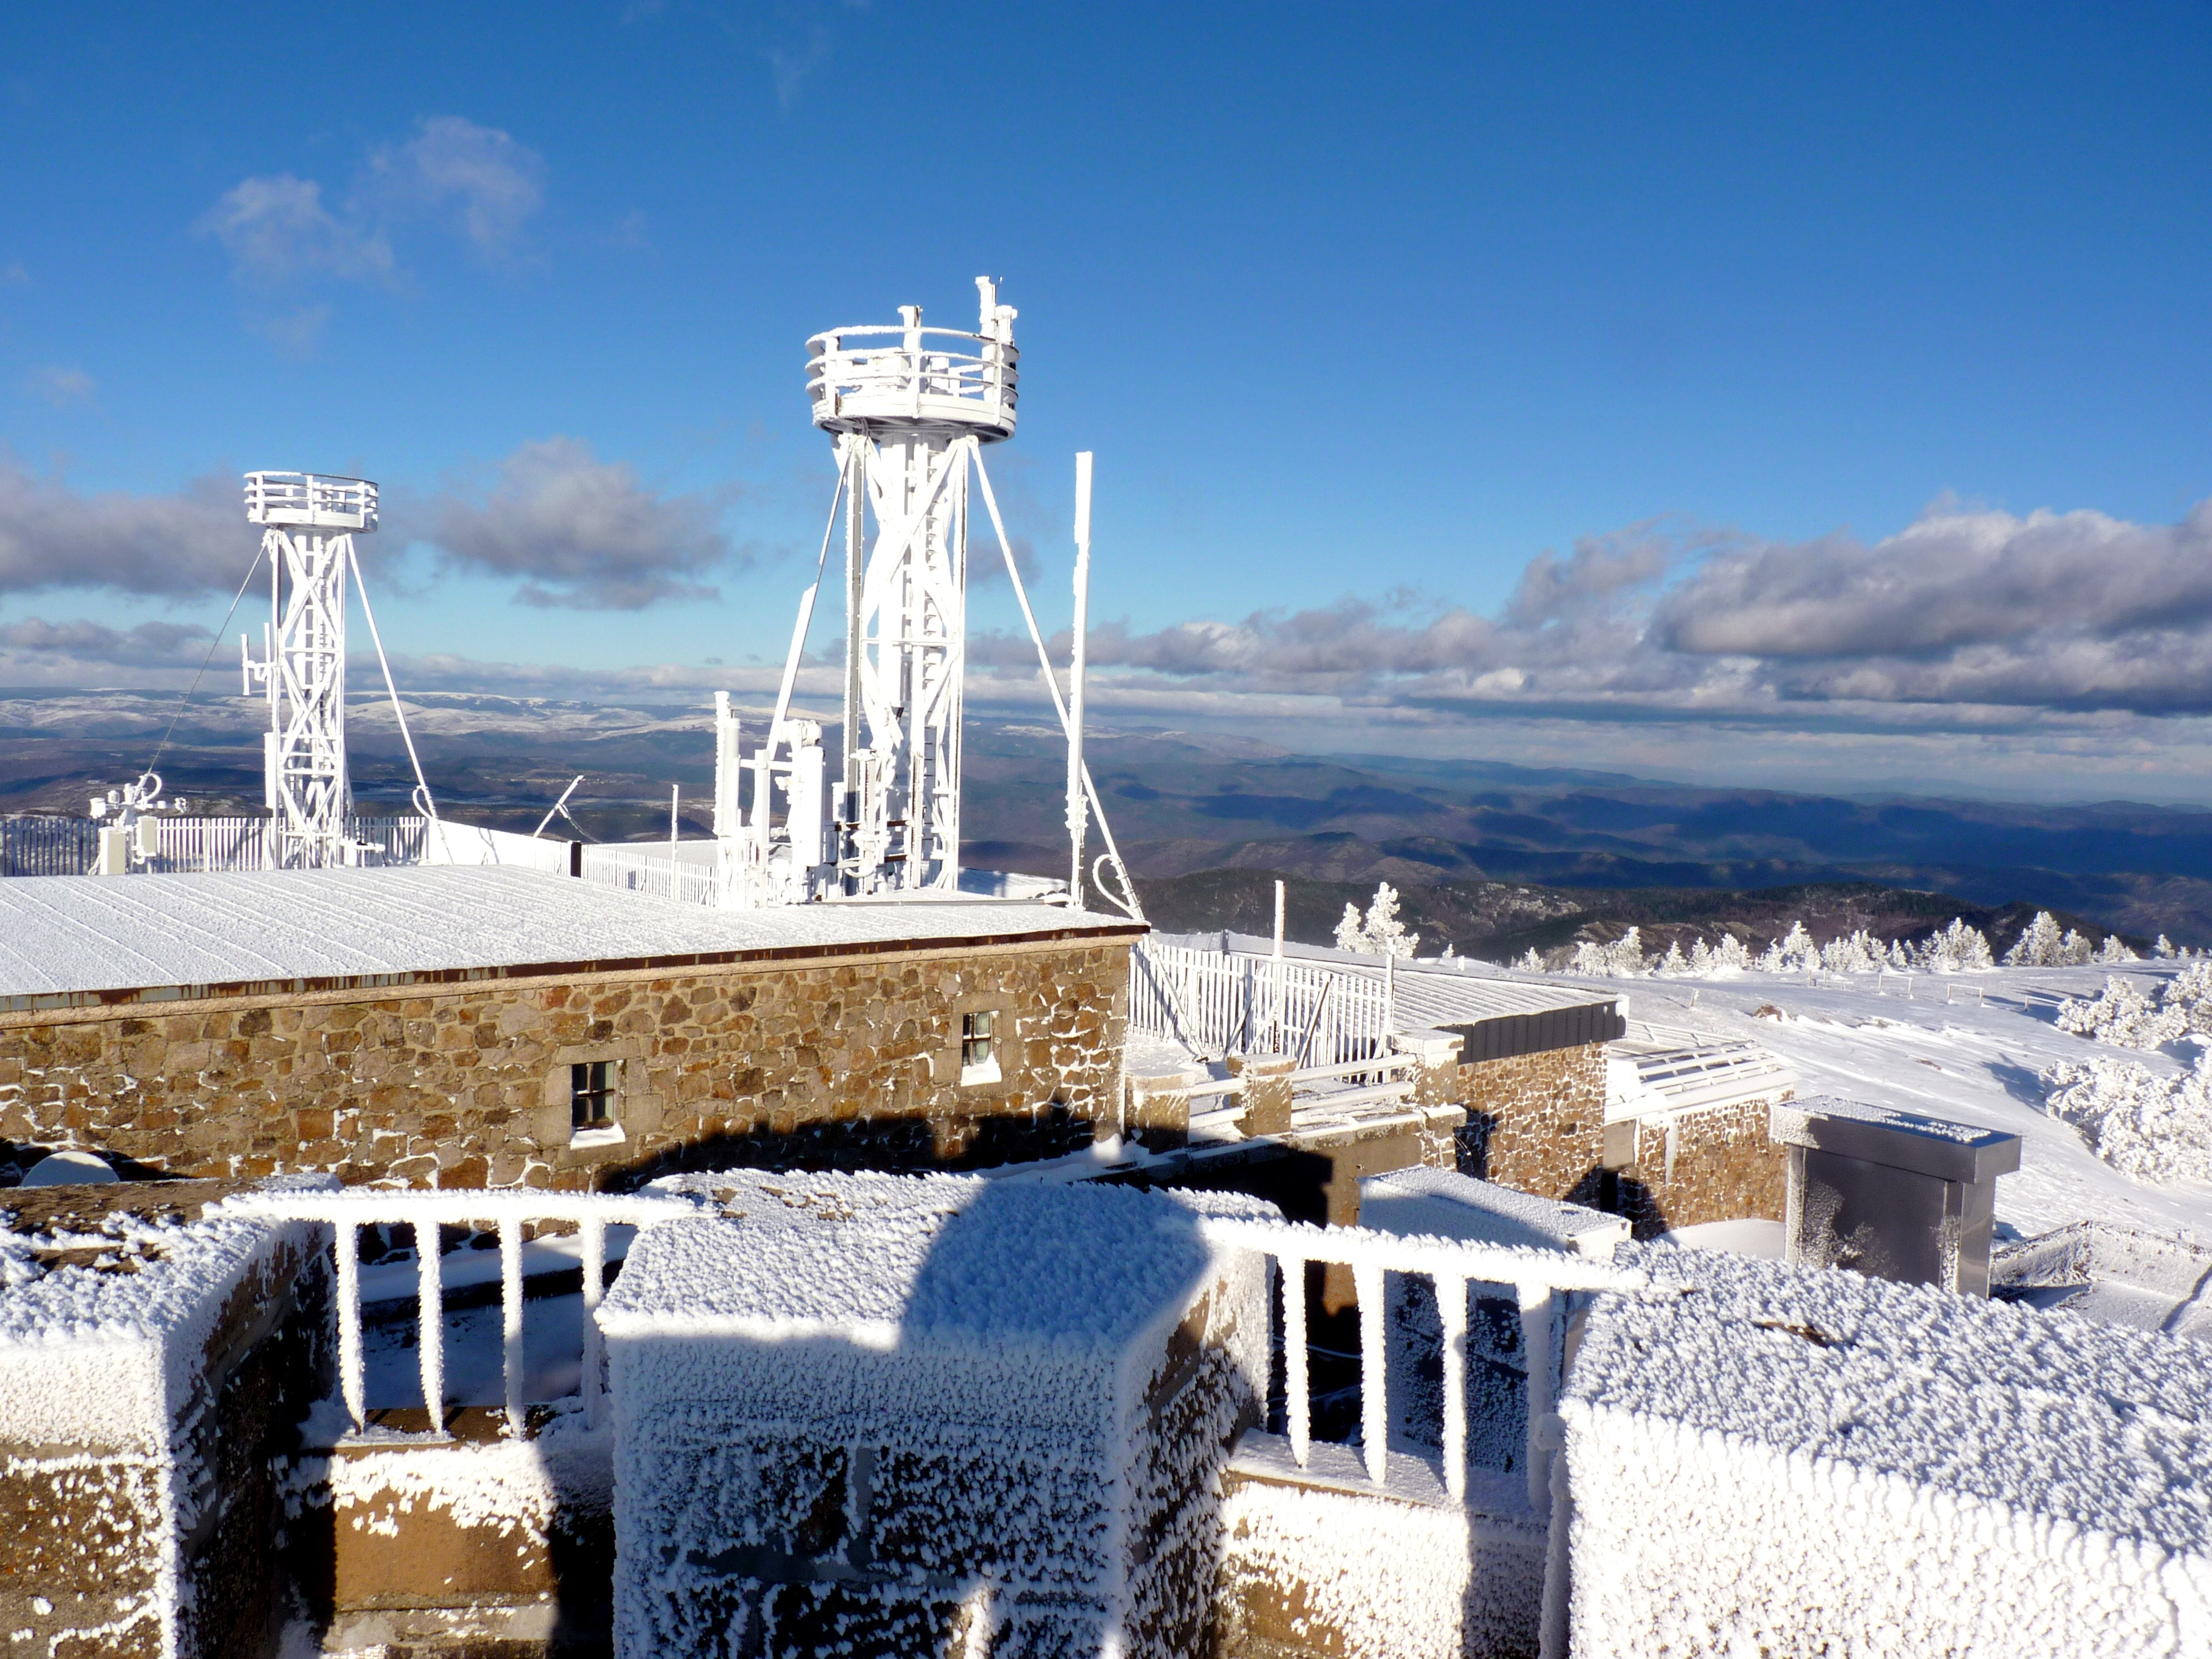 Observatoire du Mont-Aigoual By Office de Tourisme Mont Aigoual CC BY 2.0 via Wikimedia Commons